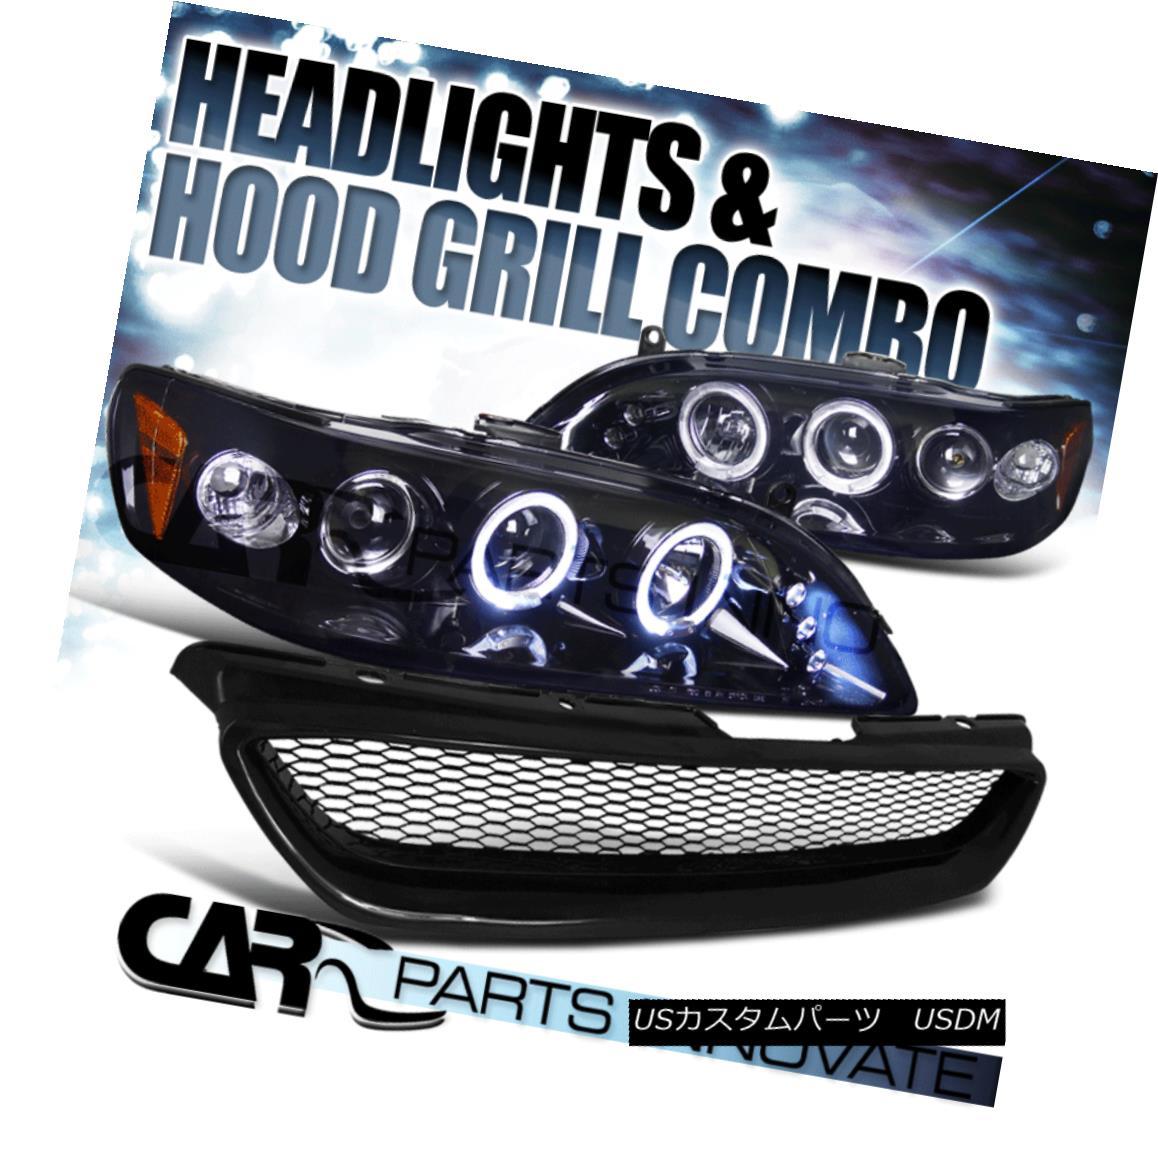 グリル Fit 1998-2002 Accord 2Dr Glossy Black Projector Headlights+Mesh Hood Grille Fit 1998-2002 Accord 2Dr Glossyブラックプロジェクターヘッドライト+メス hフードグリル